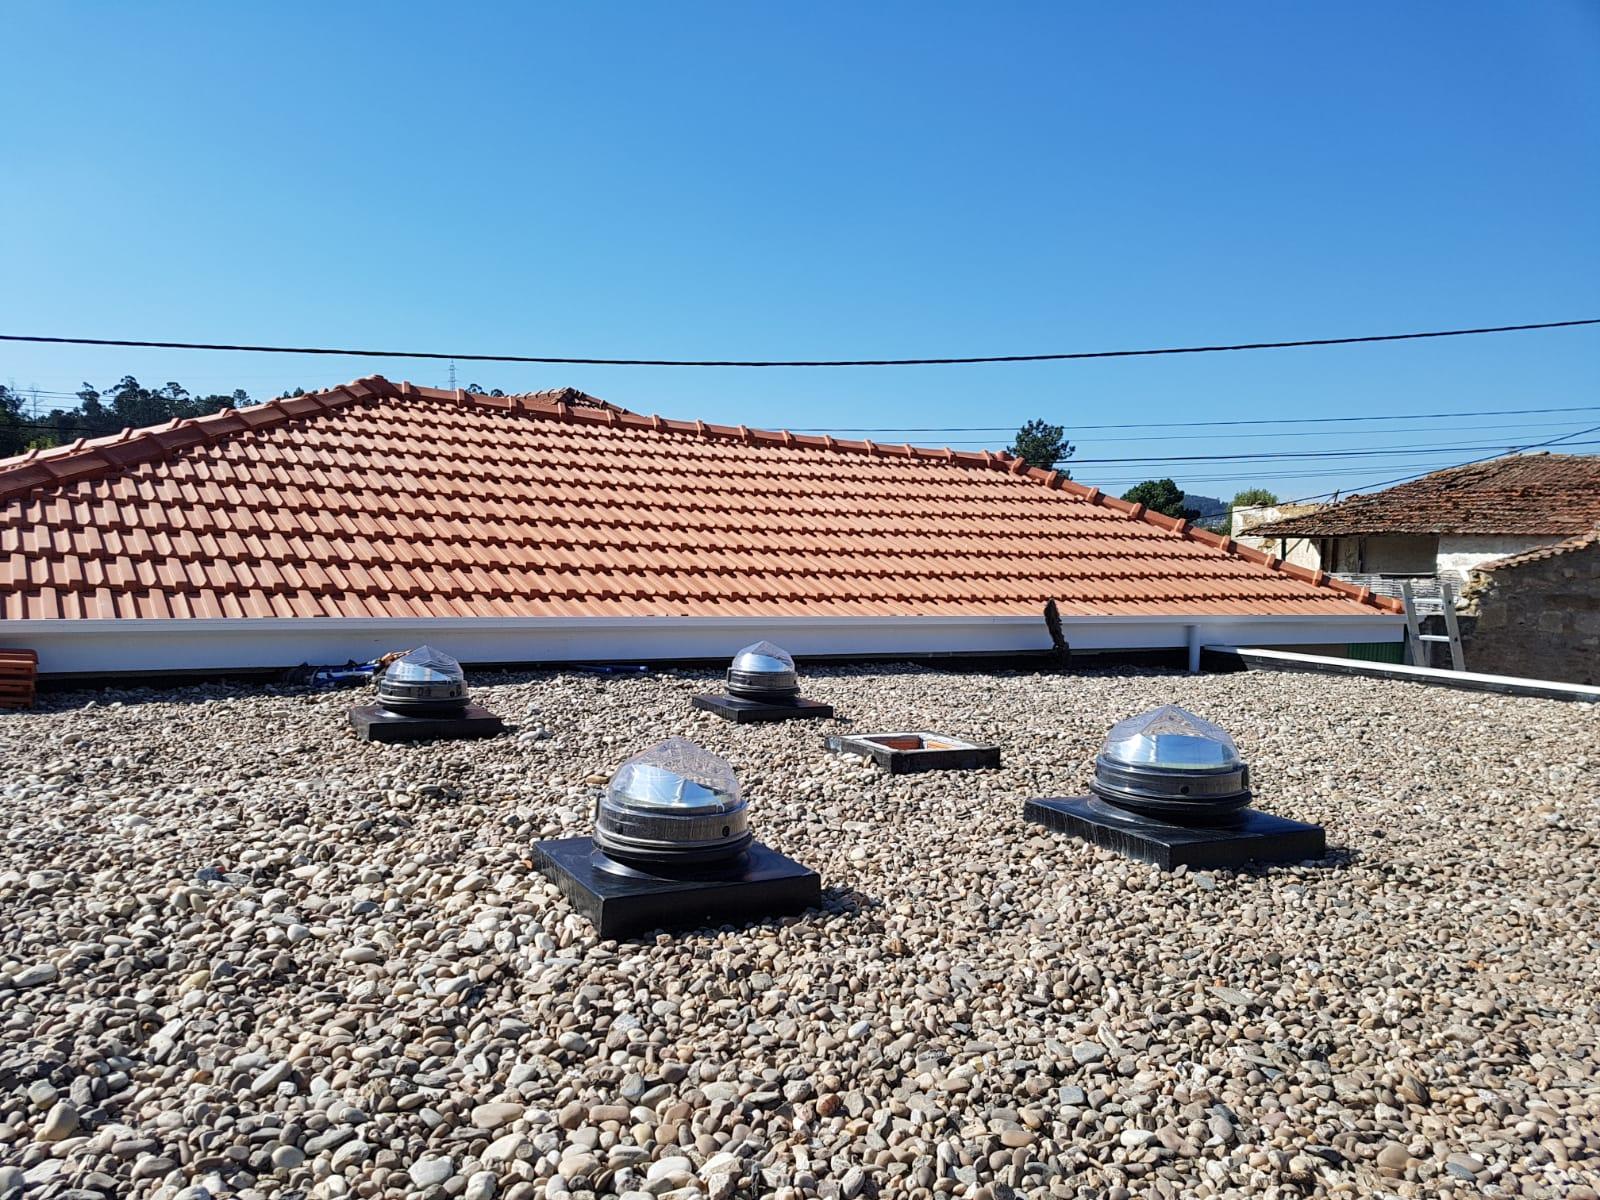 Eclairage par 4 conduits de lumière toiture Terrasse